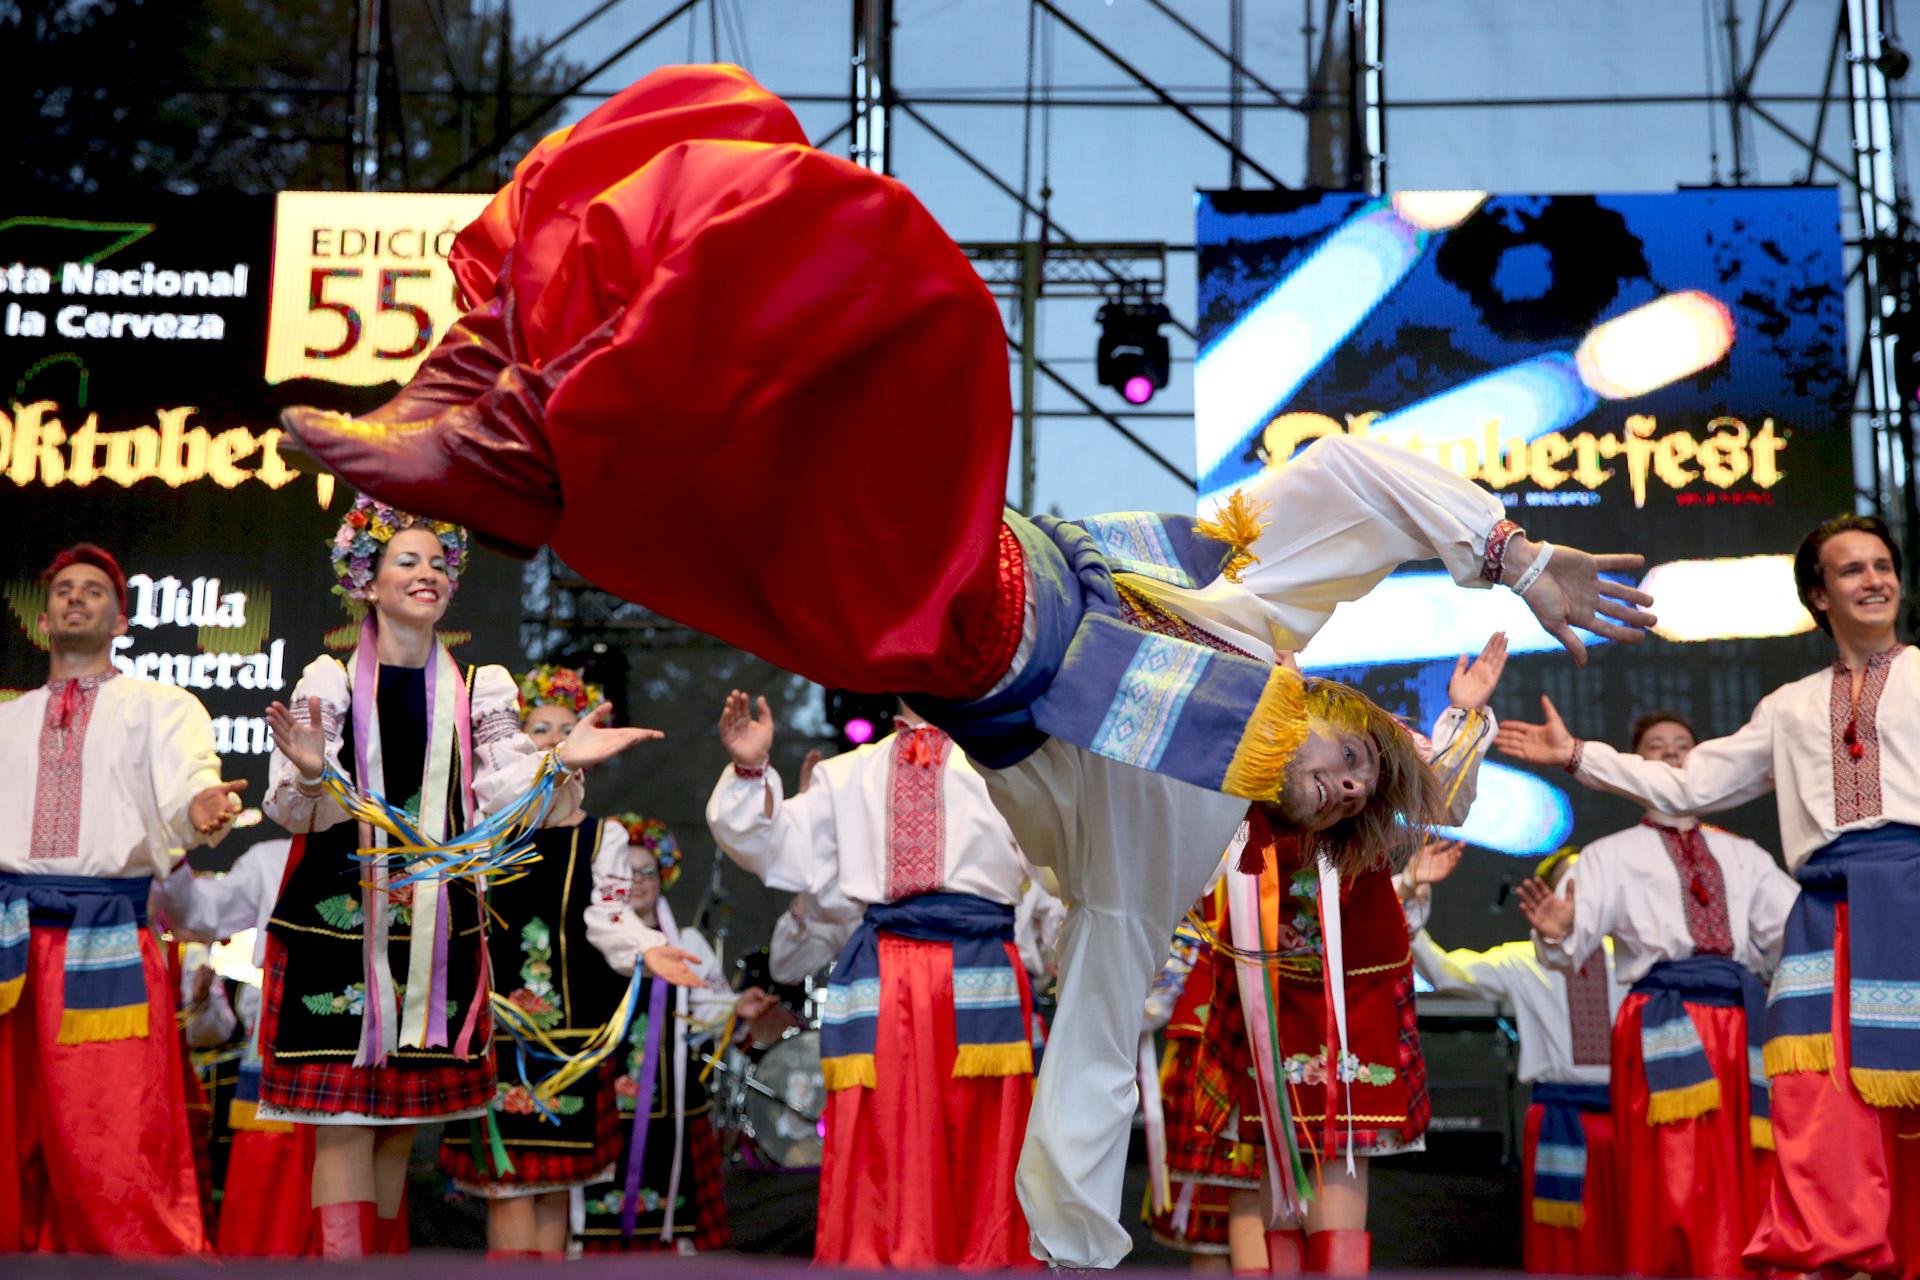 En el Oktoberfest los show artísticos son otros de sus atractivos